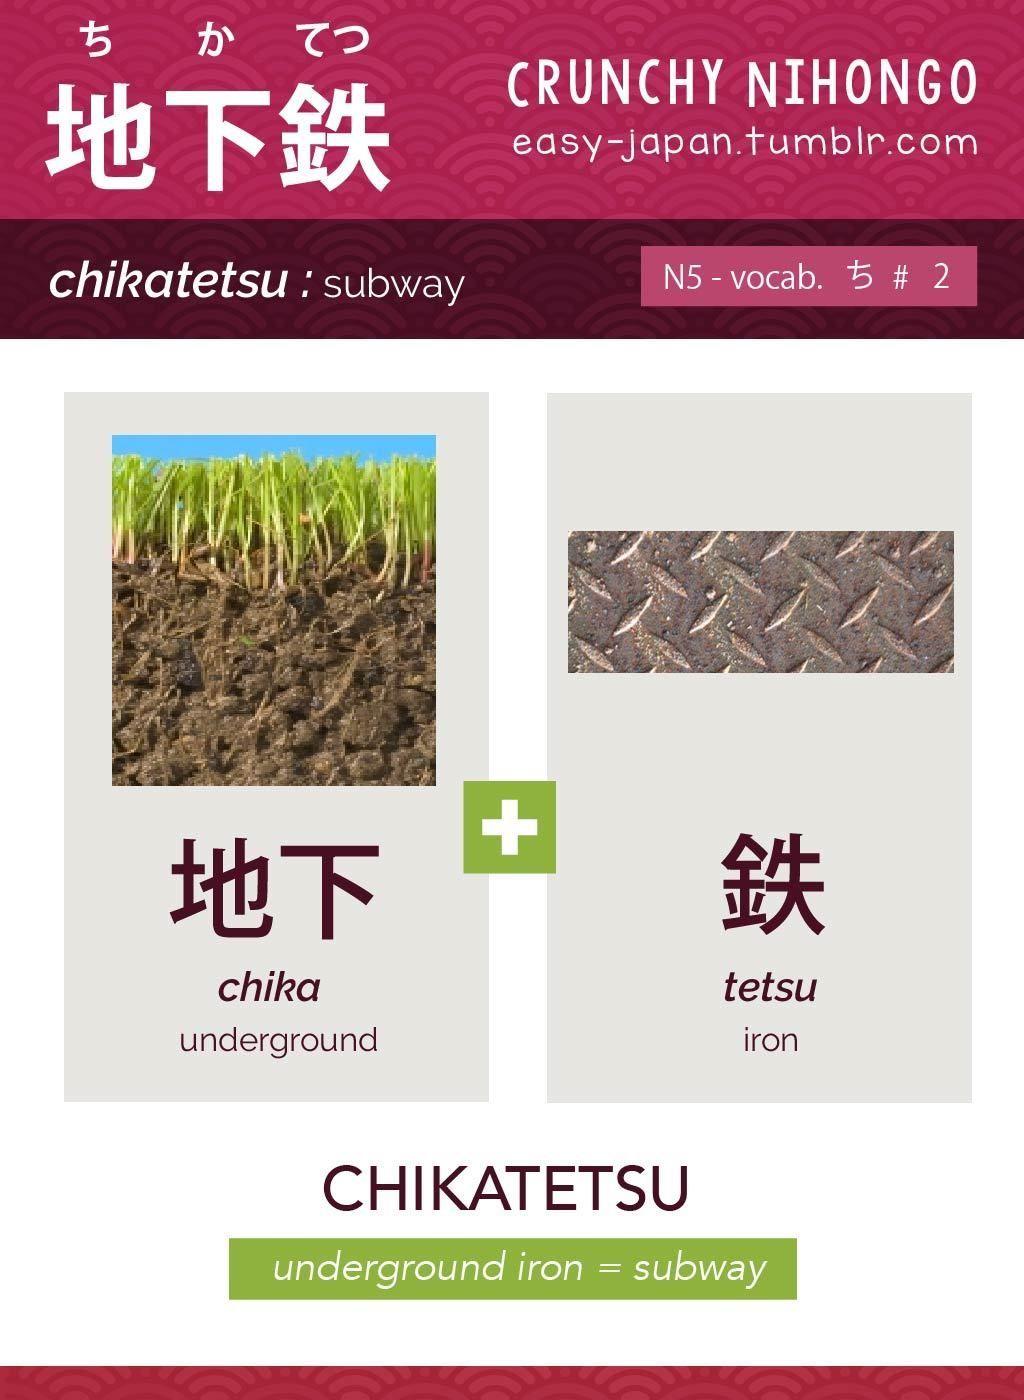 Crunchy Nihongo! | kanji's game | Japanese language